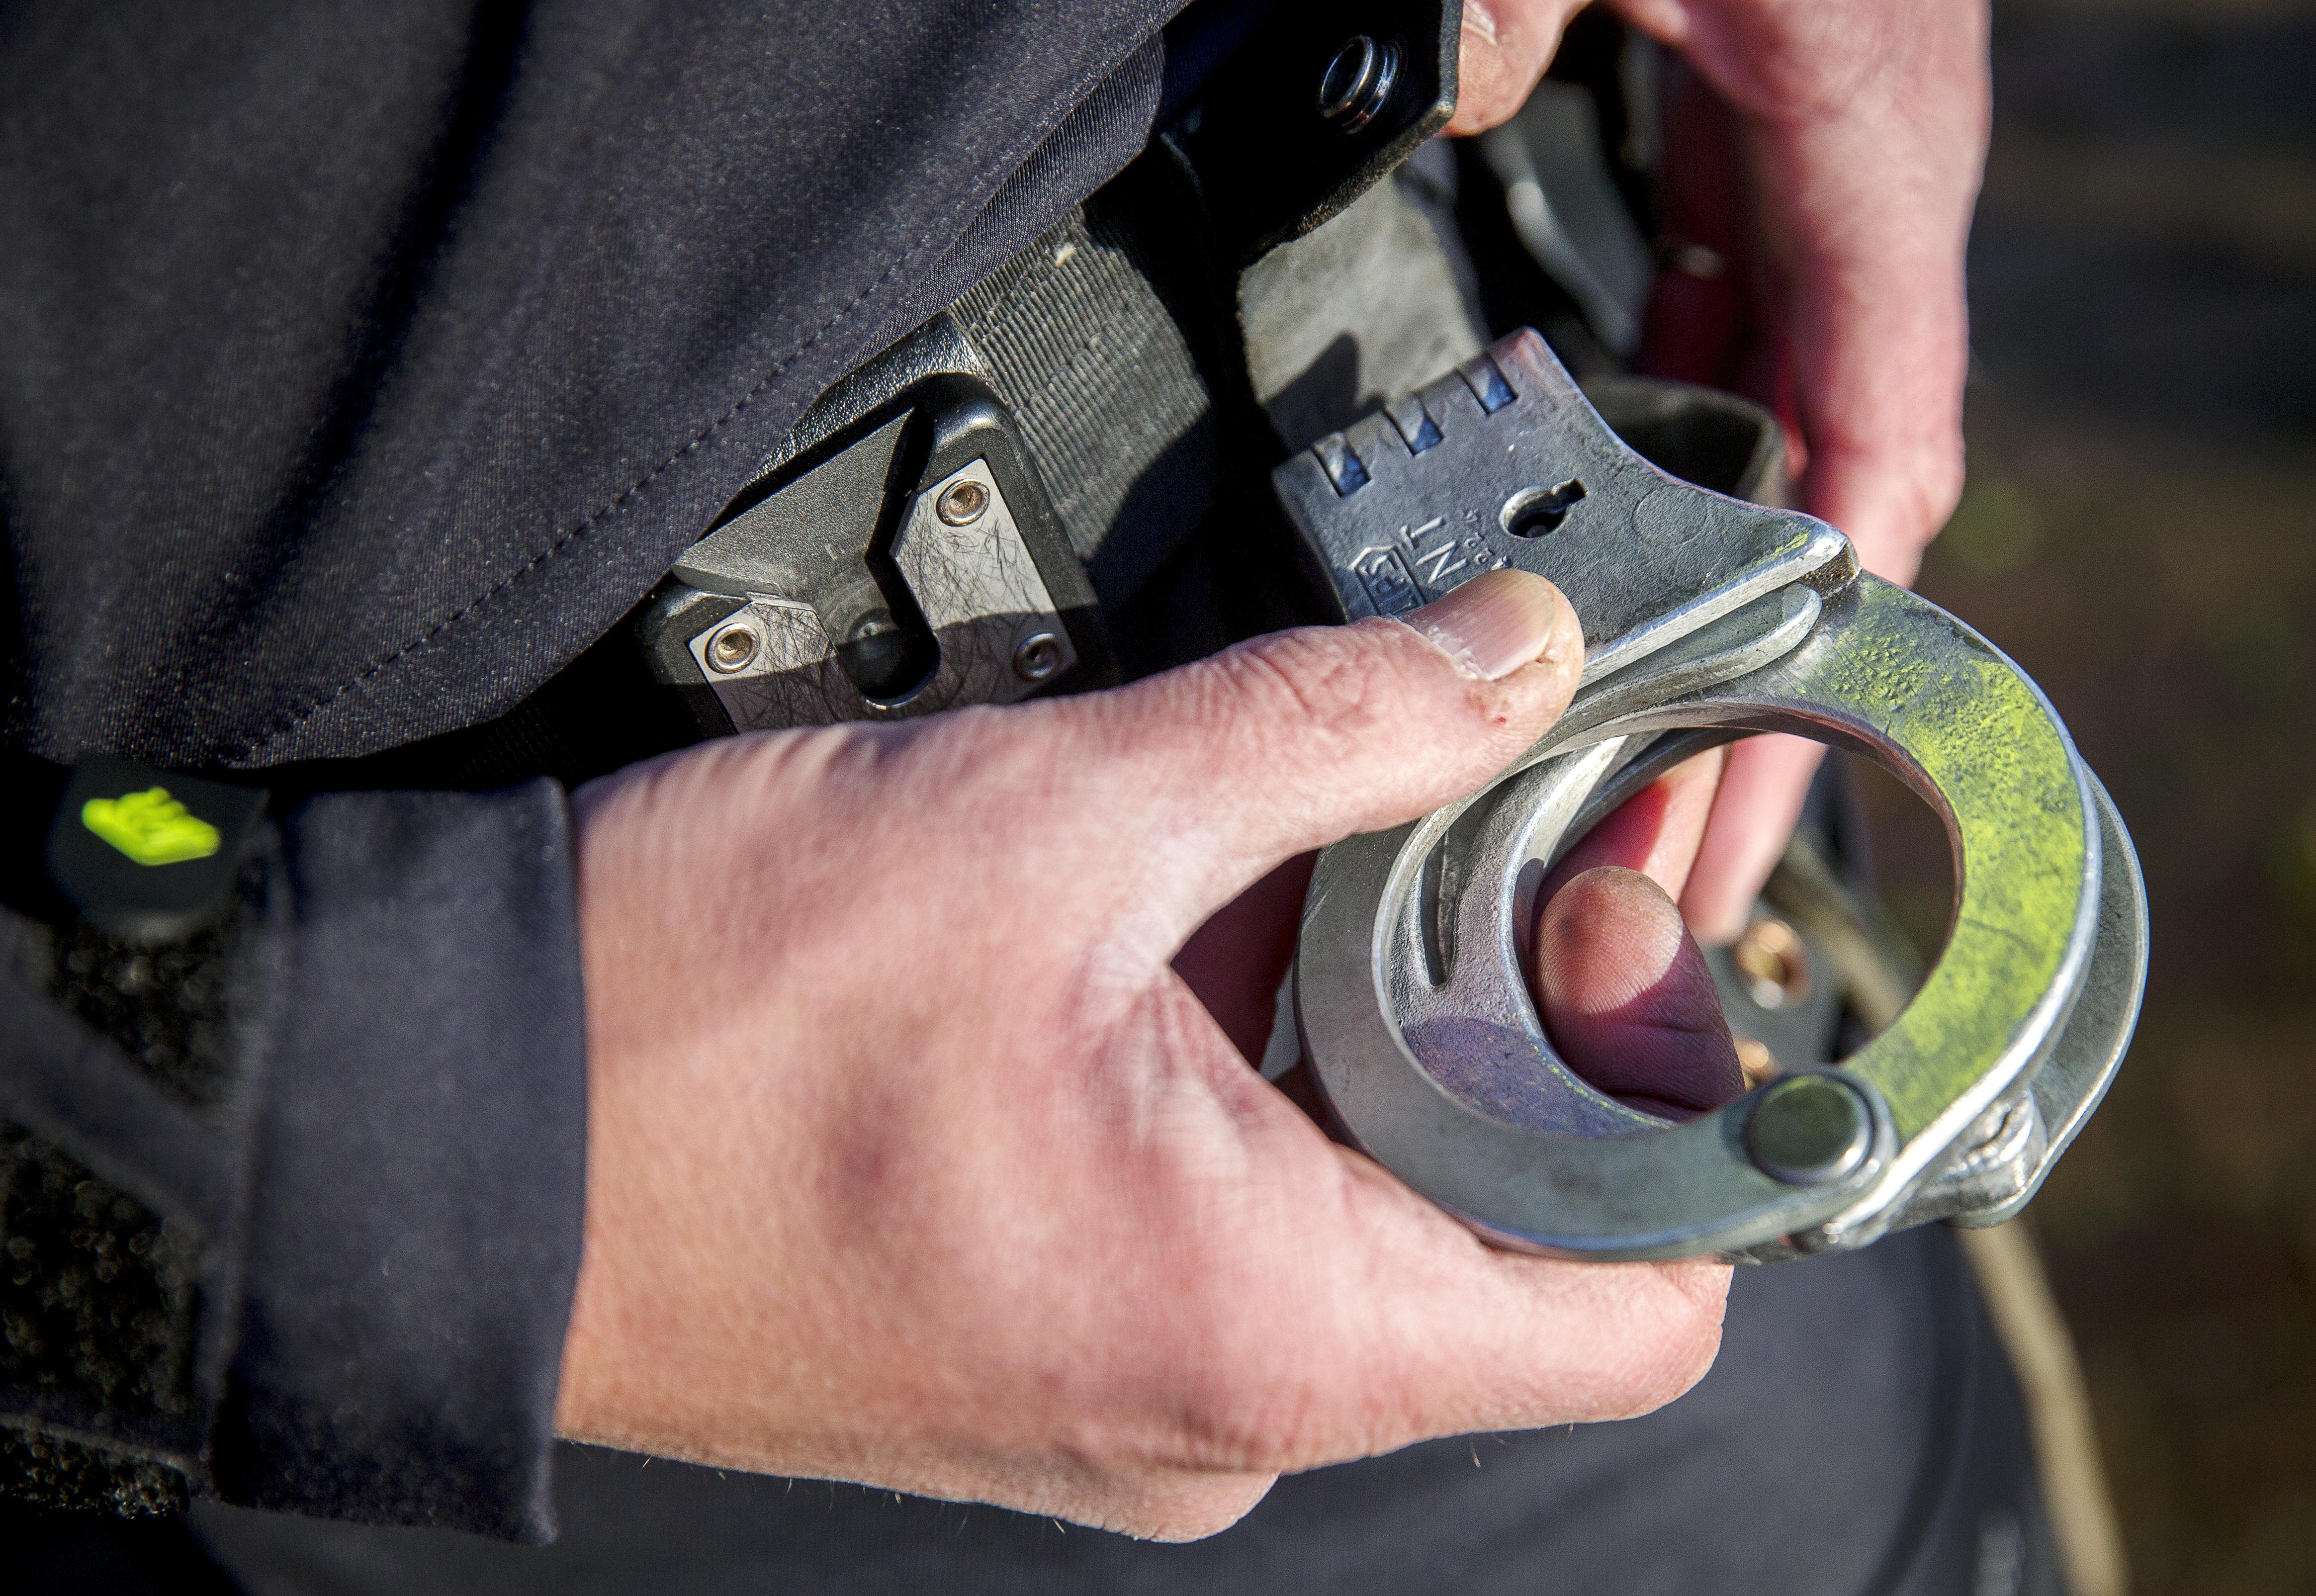 Inbrekers slaan slag in Friesland, aanhouding bij Van Ewijcksluis